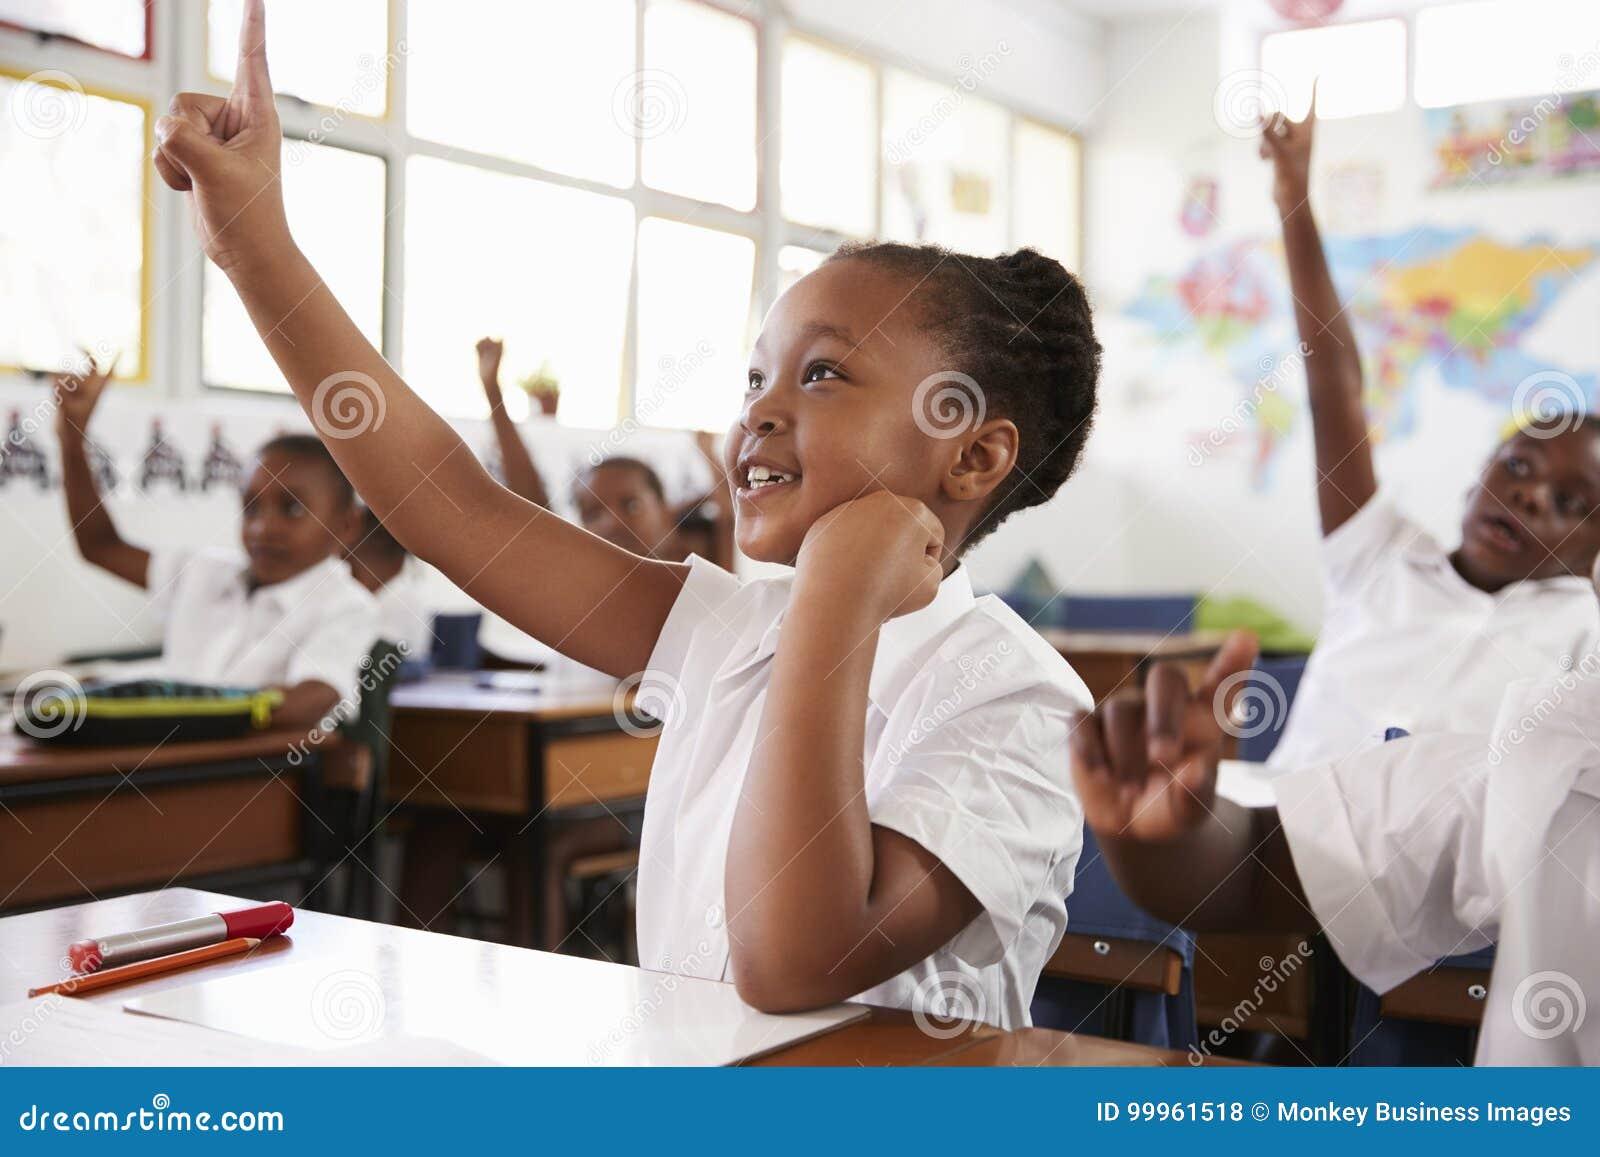 Skolflicka som lyfter handen under en kurs på grundskolan